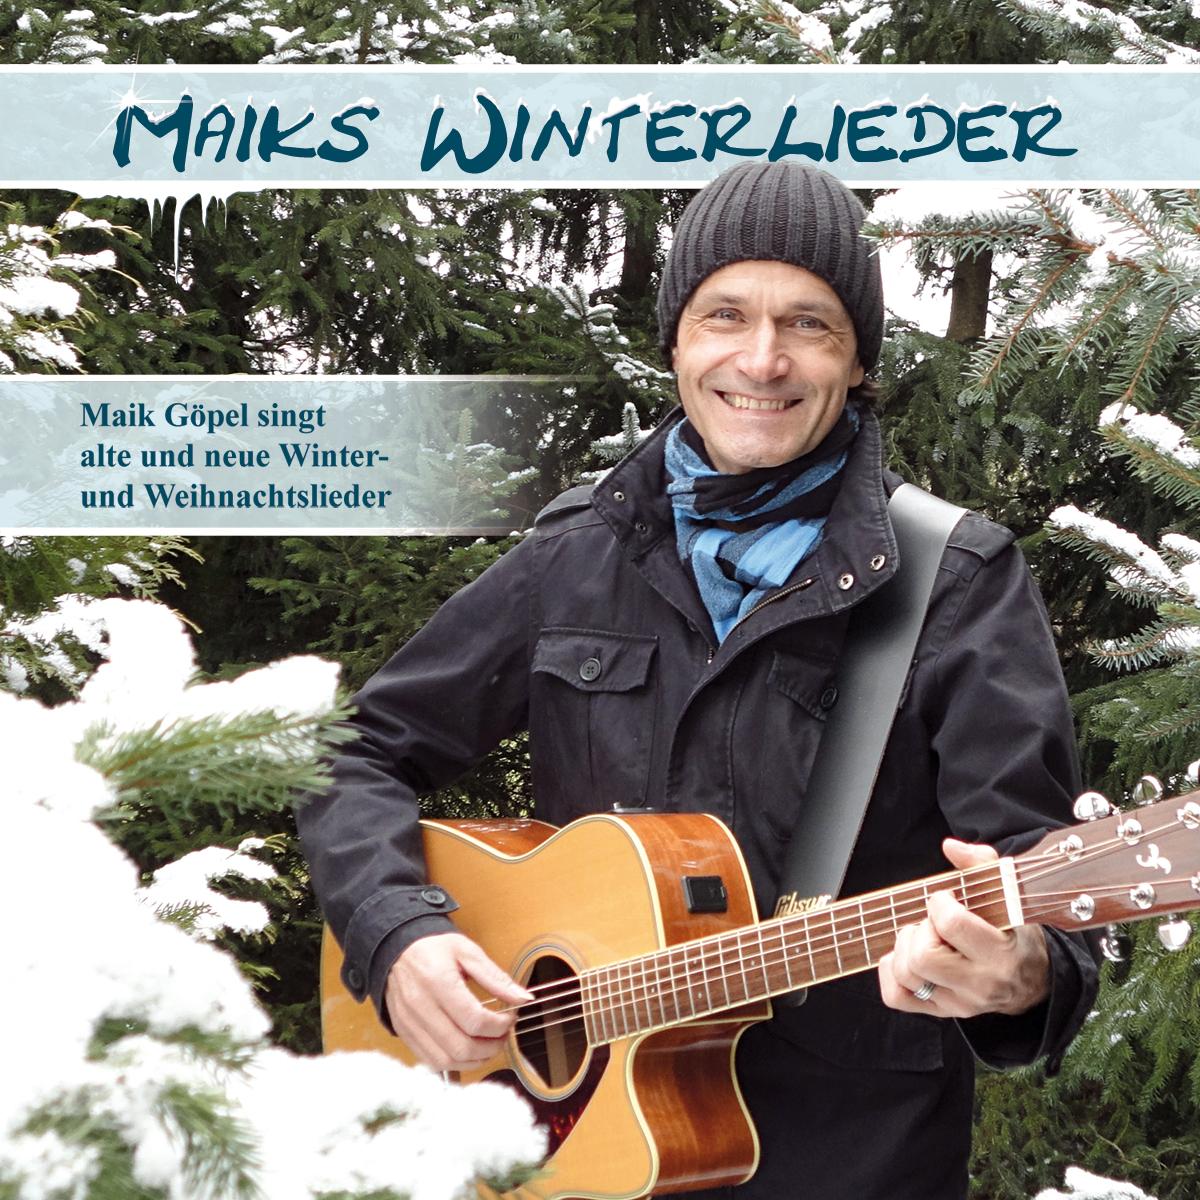 Manfred Maurenbrecher - Kakerlaken